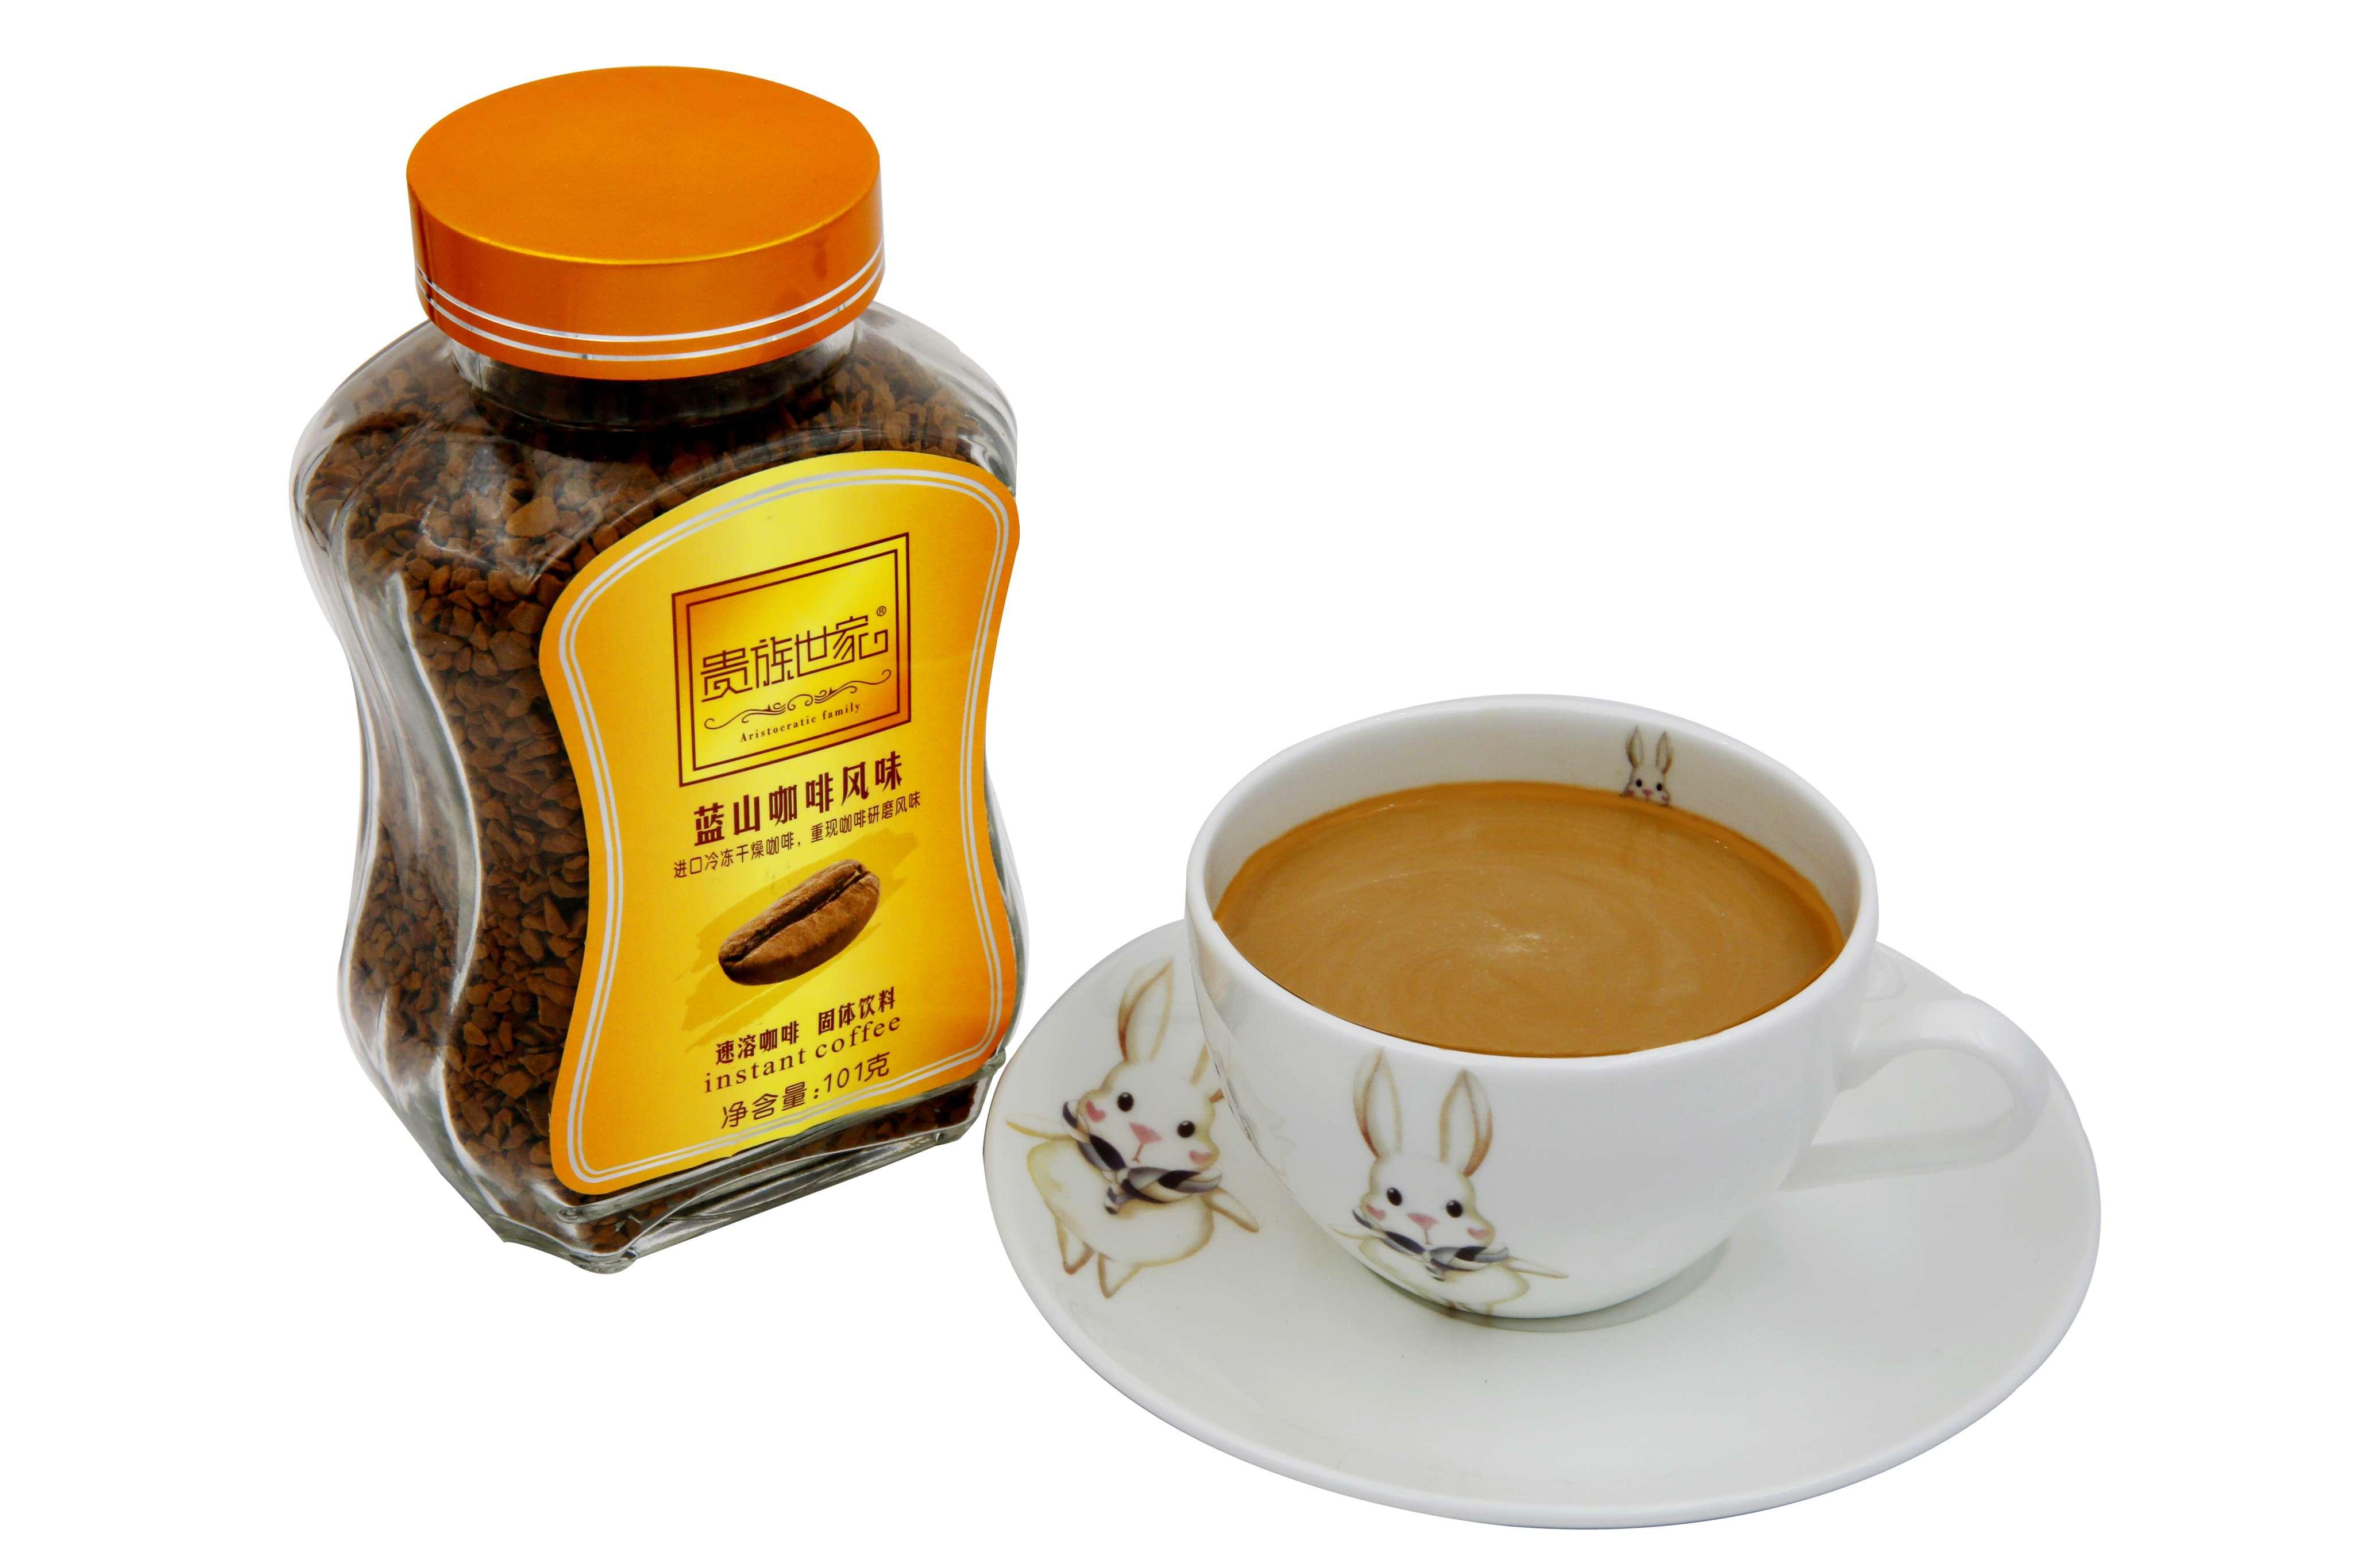 瓶装蓝山咖啡风味101克